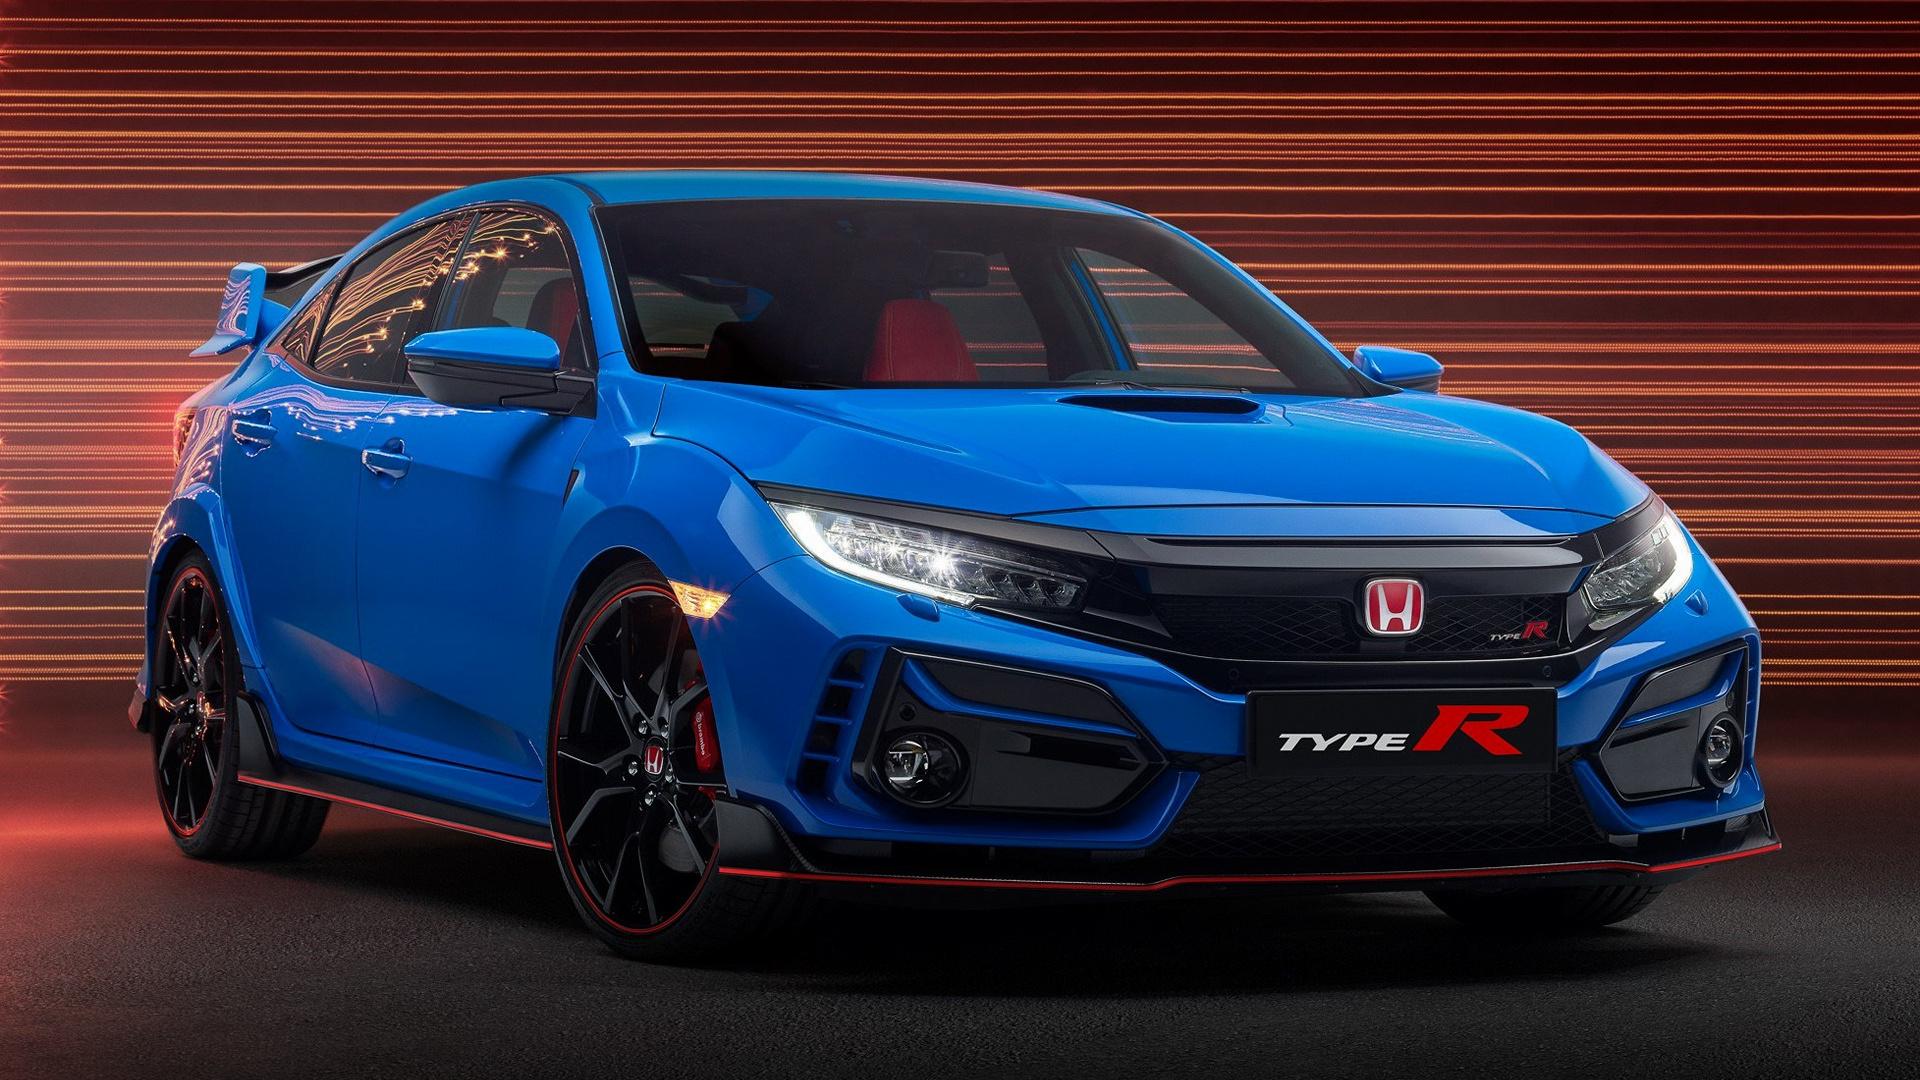 Jaguar F Type Coupe >> 2020 Honda Civic Type R - Fonds d'écran et images HD | Car ...